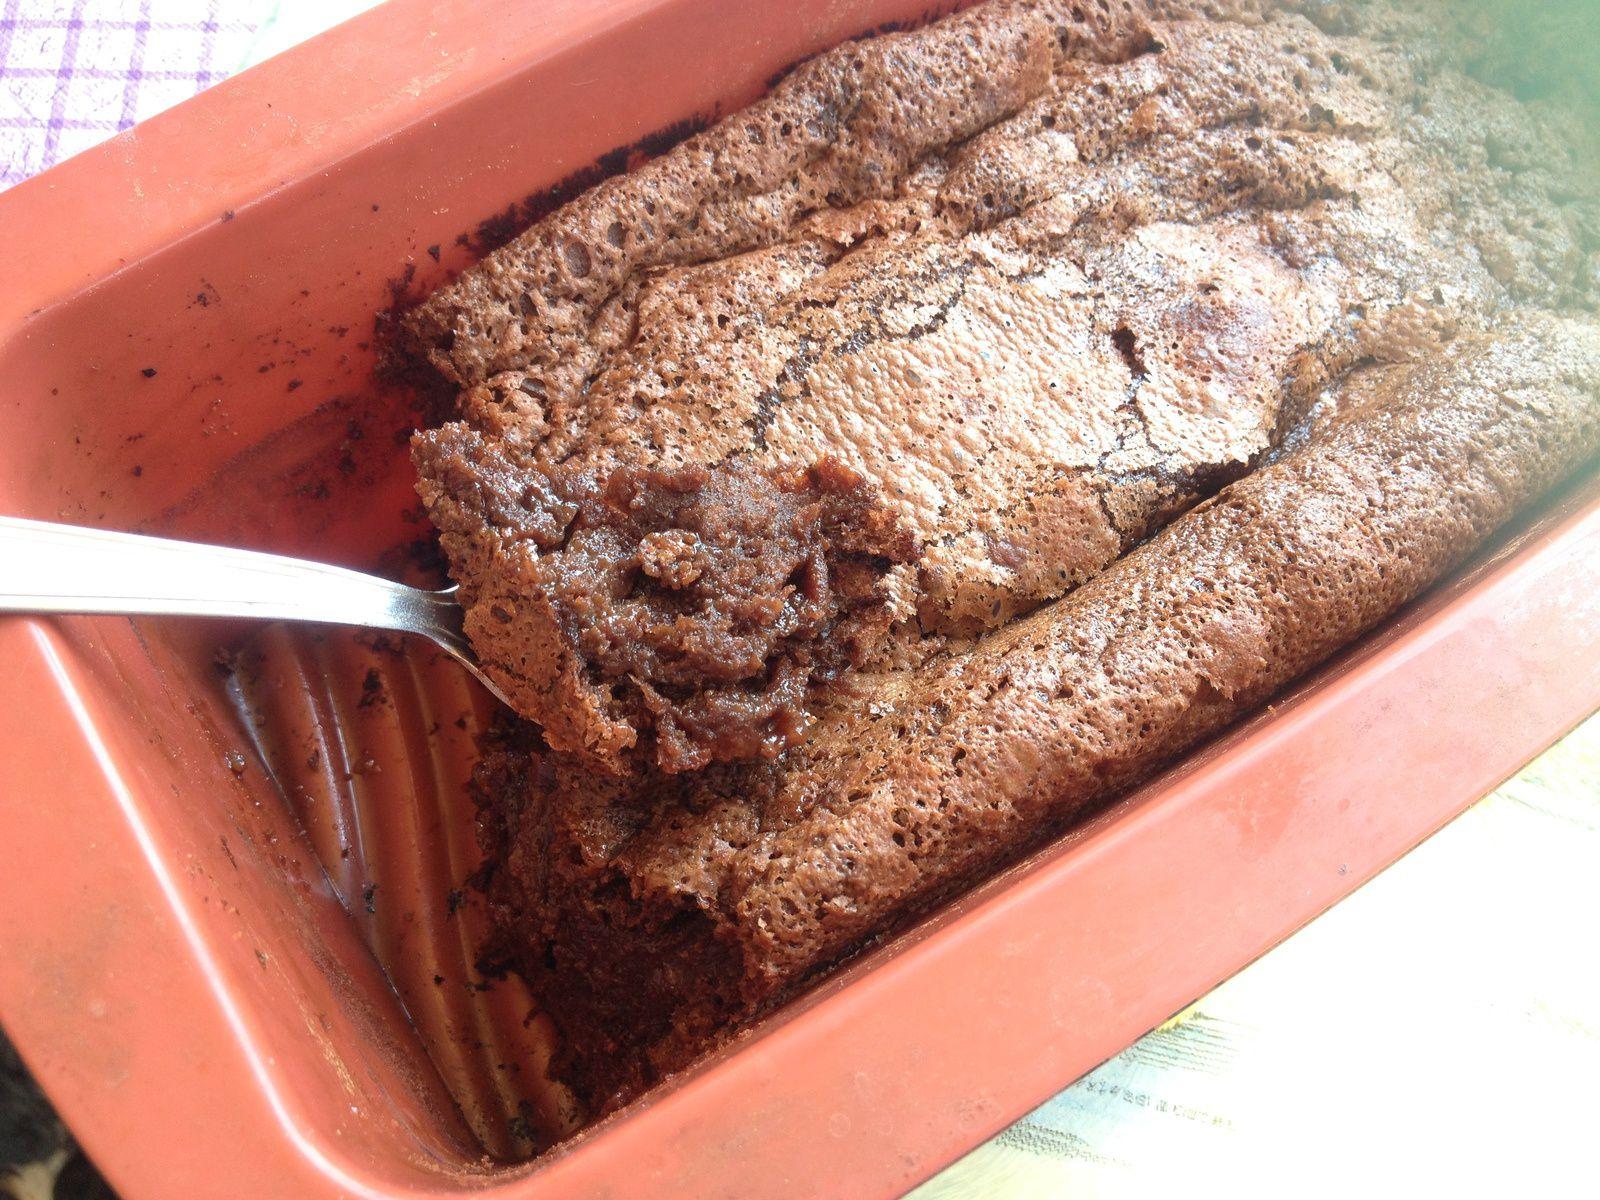 Moelleux coeur coulant chocolat- caramel au beurre salé